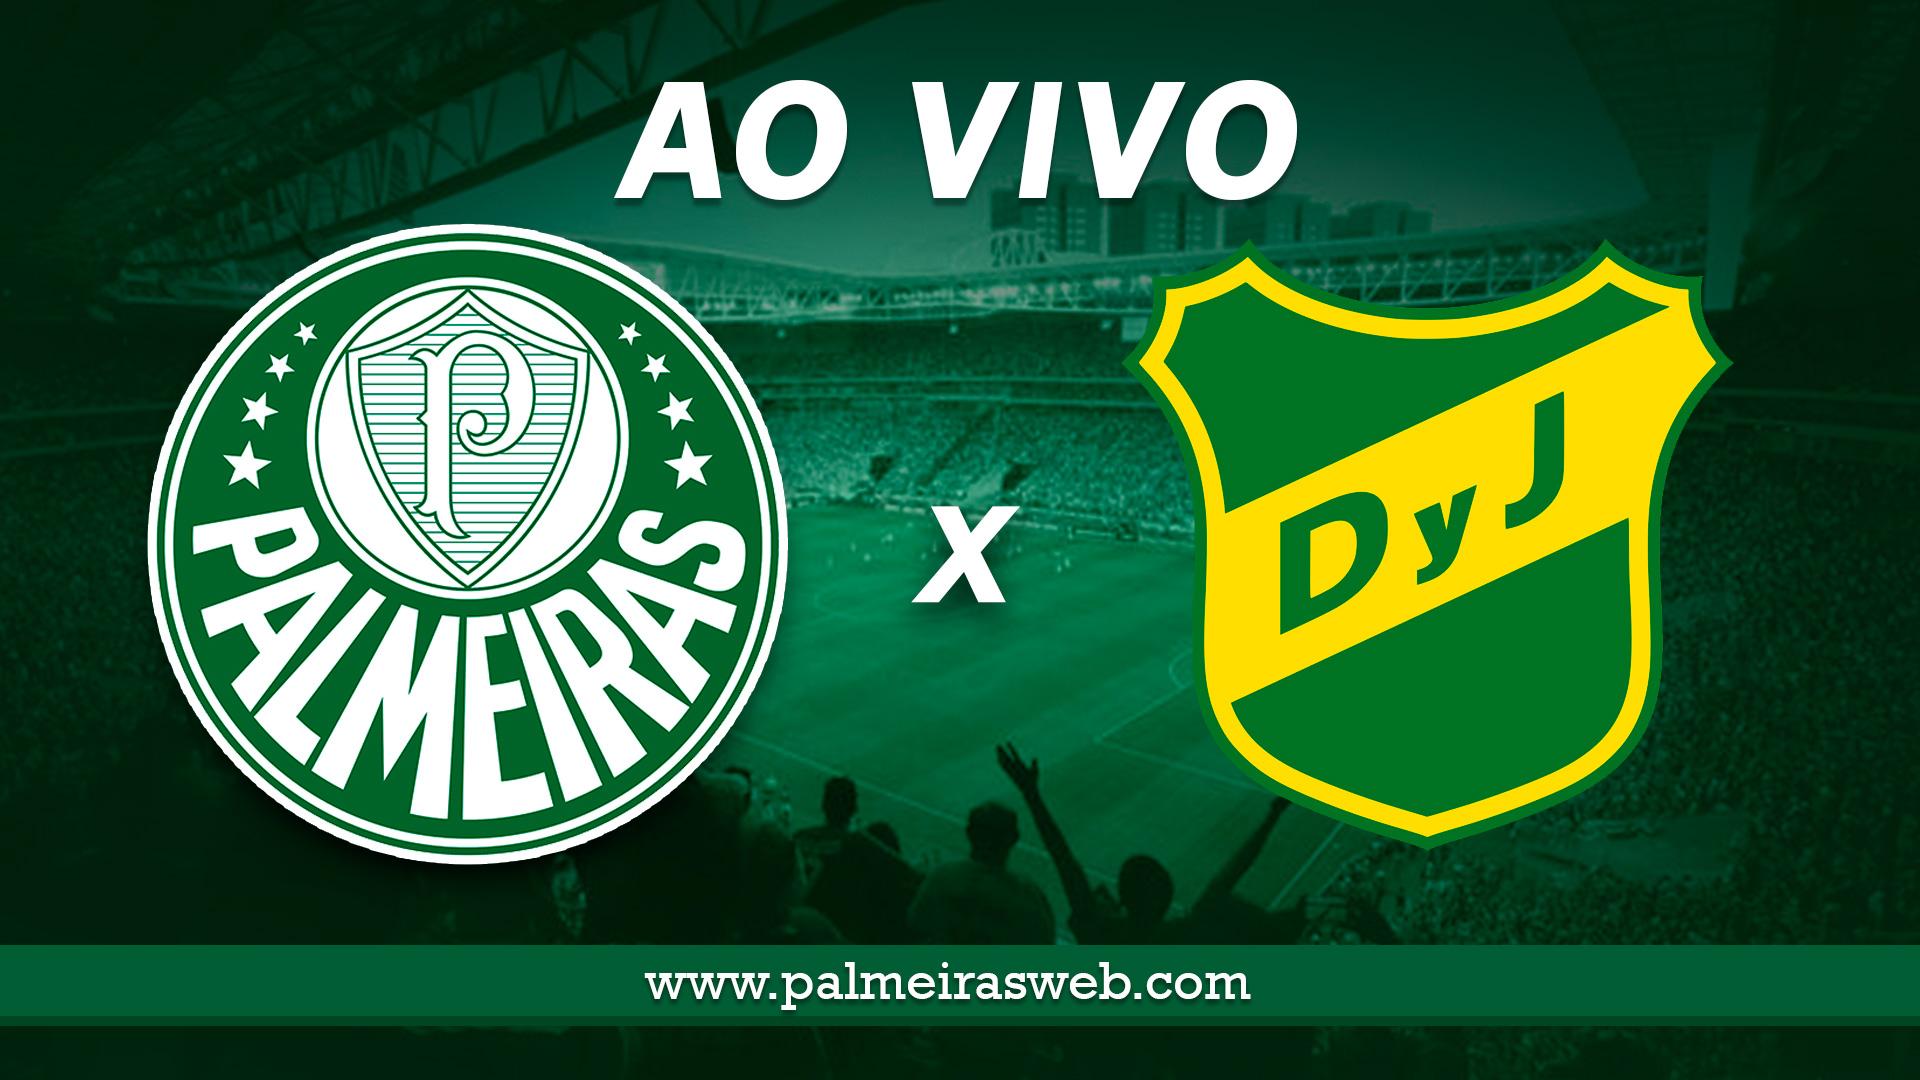 Palmeiras x Defensa y Justicia AO VIVO